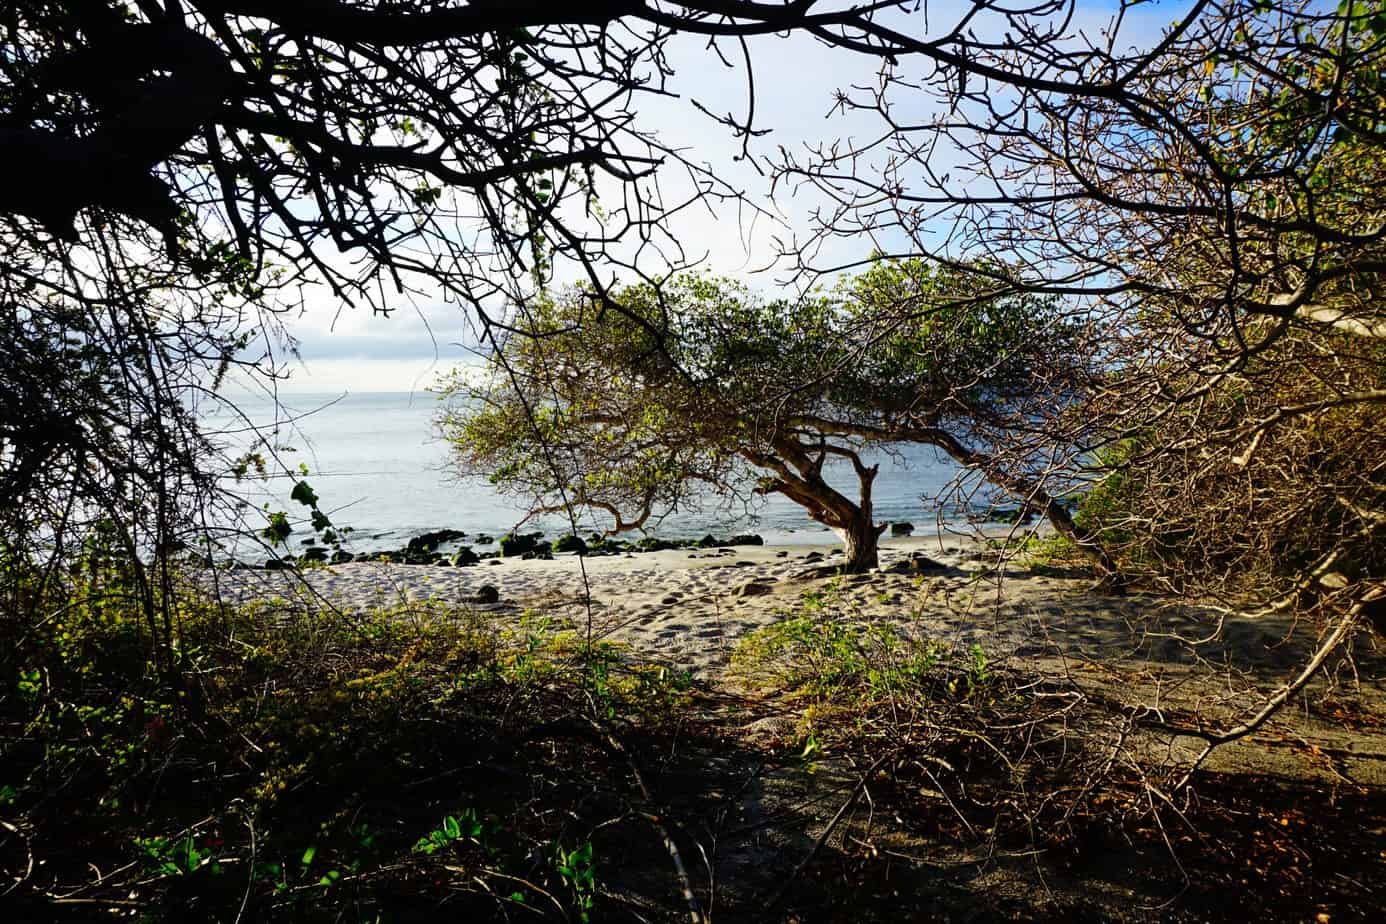 Da läuft man ein wenig über die Insel und dann führt einen der Wanderweg zu Menschenleeren Stränden